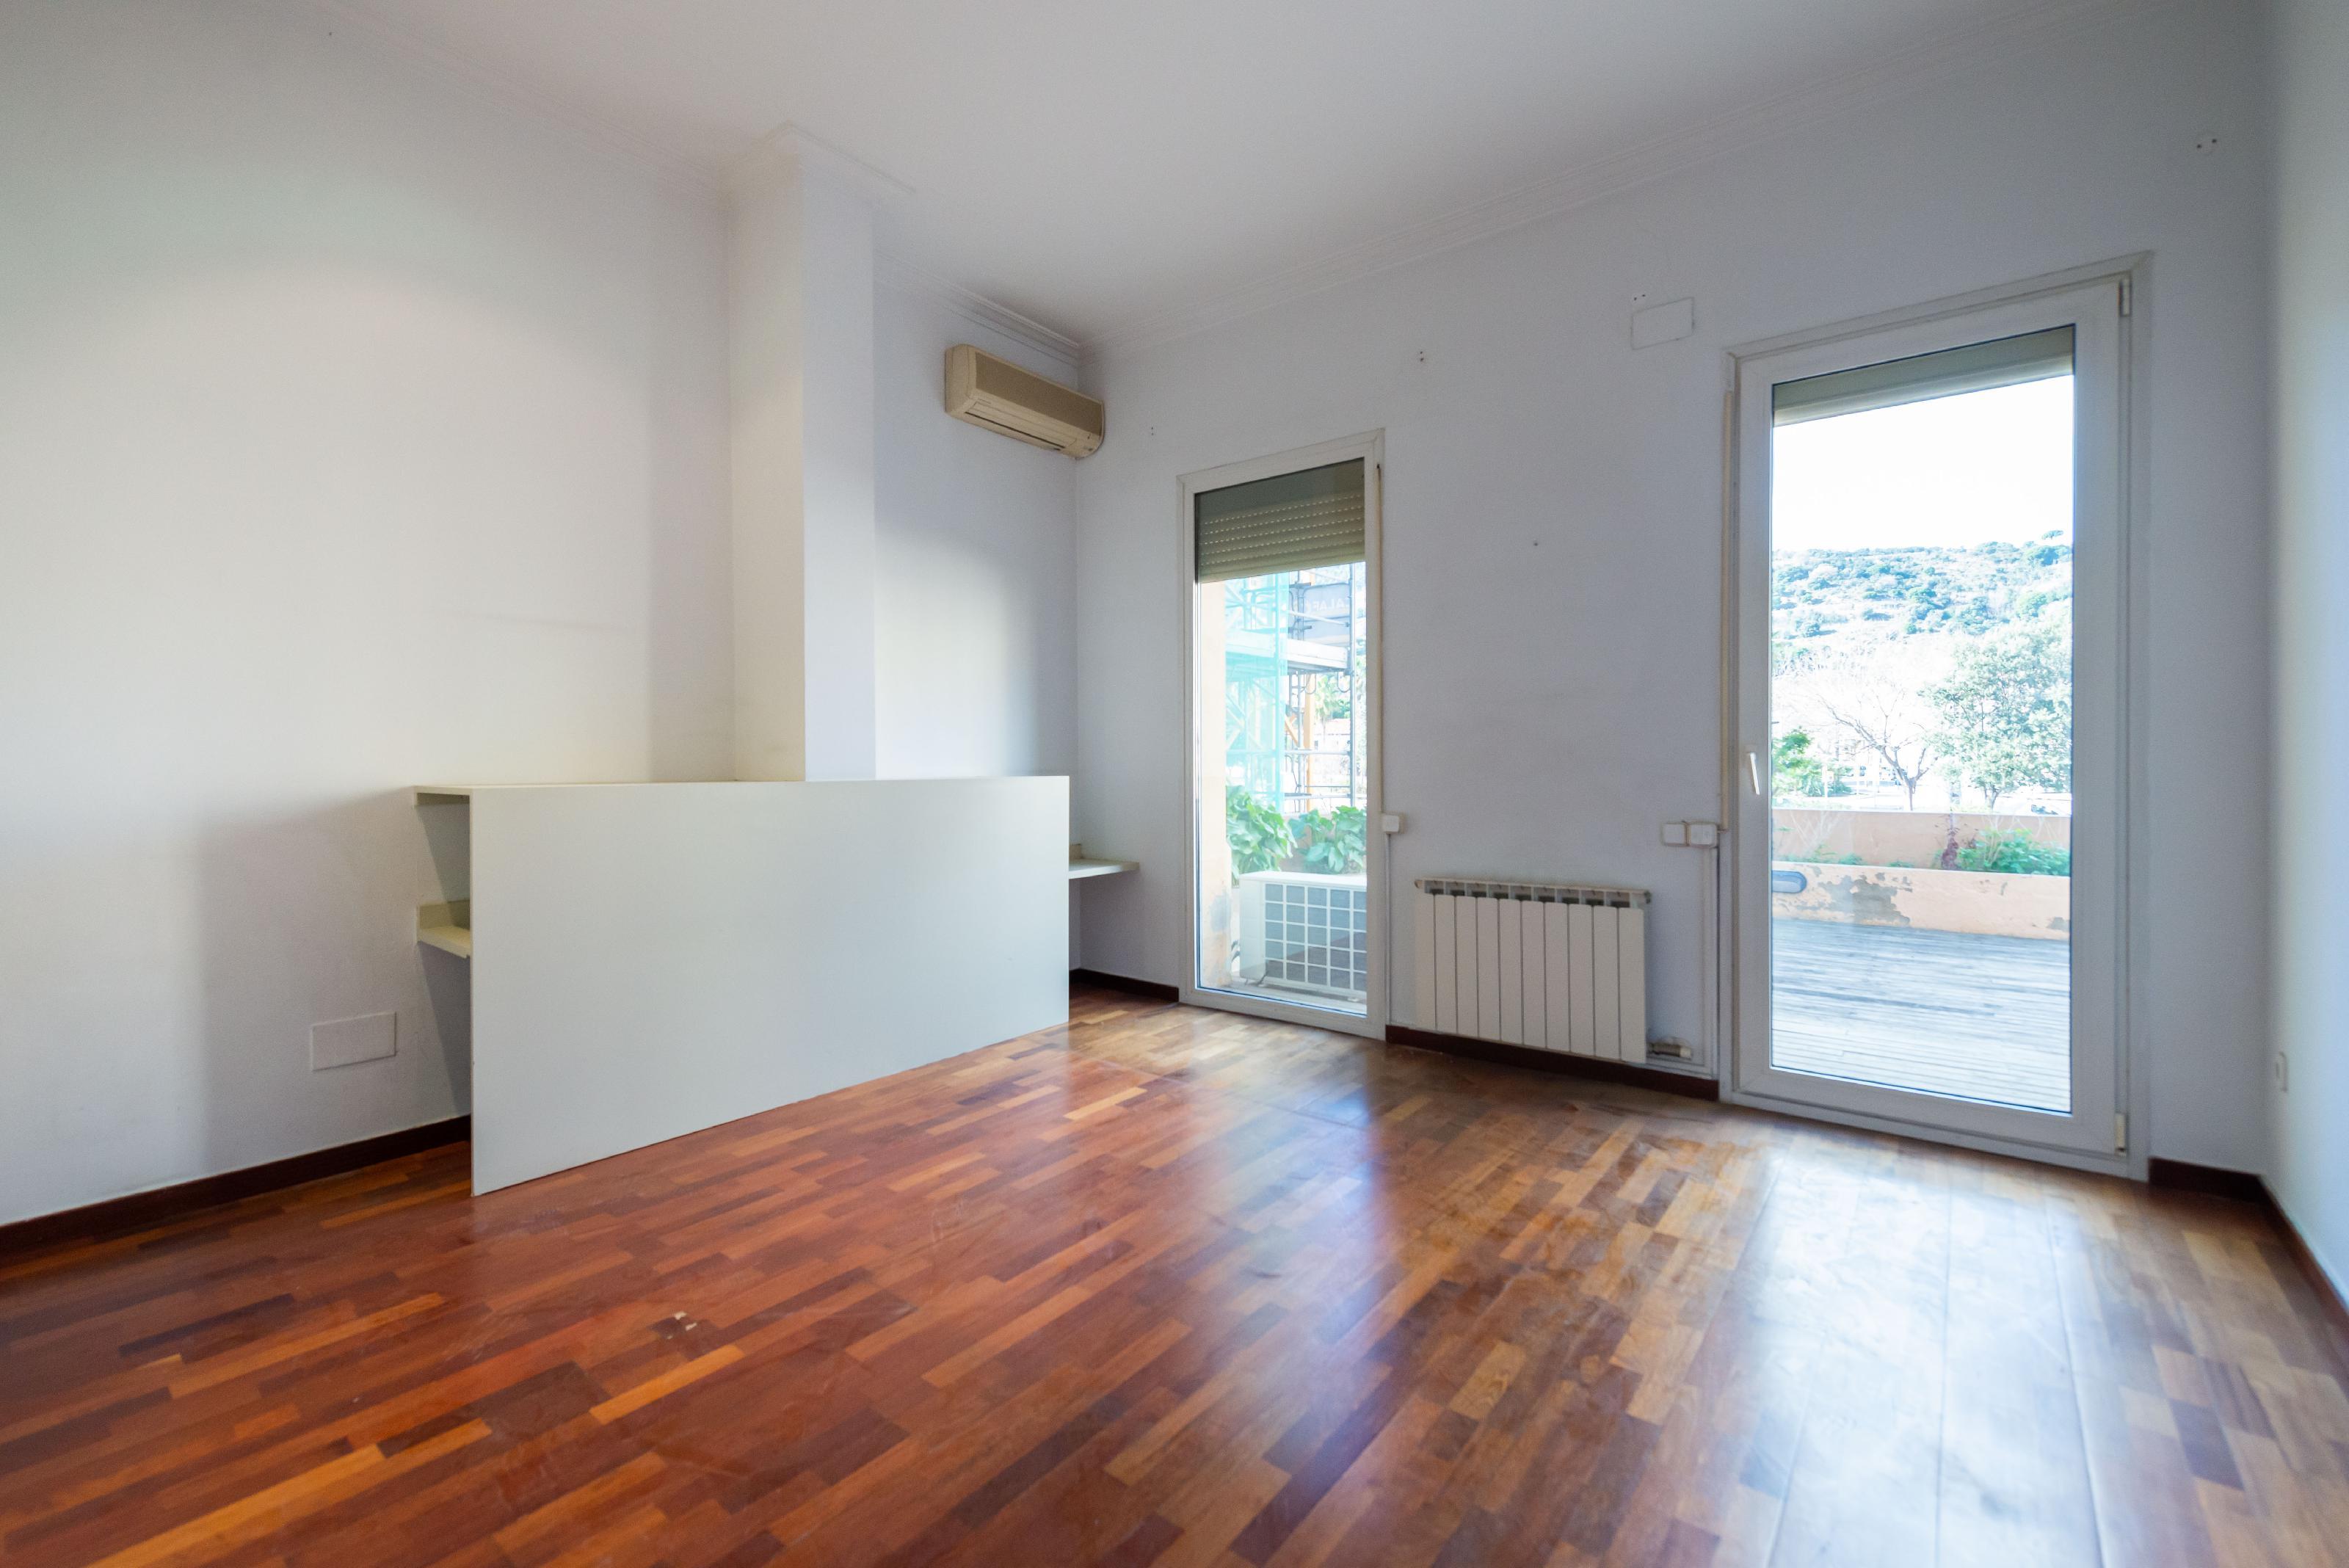 246020 Flat for sale in Sarrià-Sant Gervasi, Sarrià 16